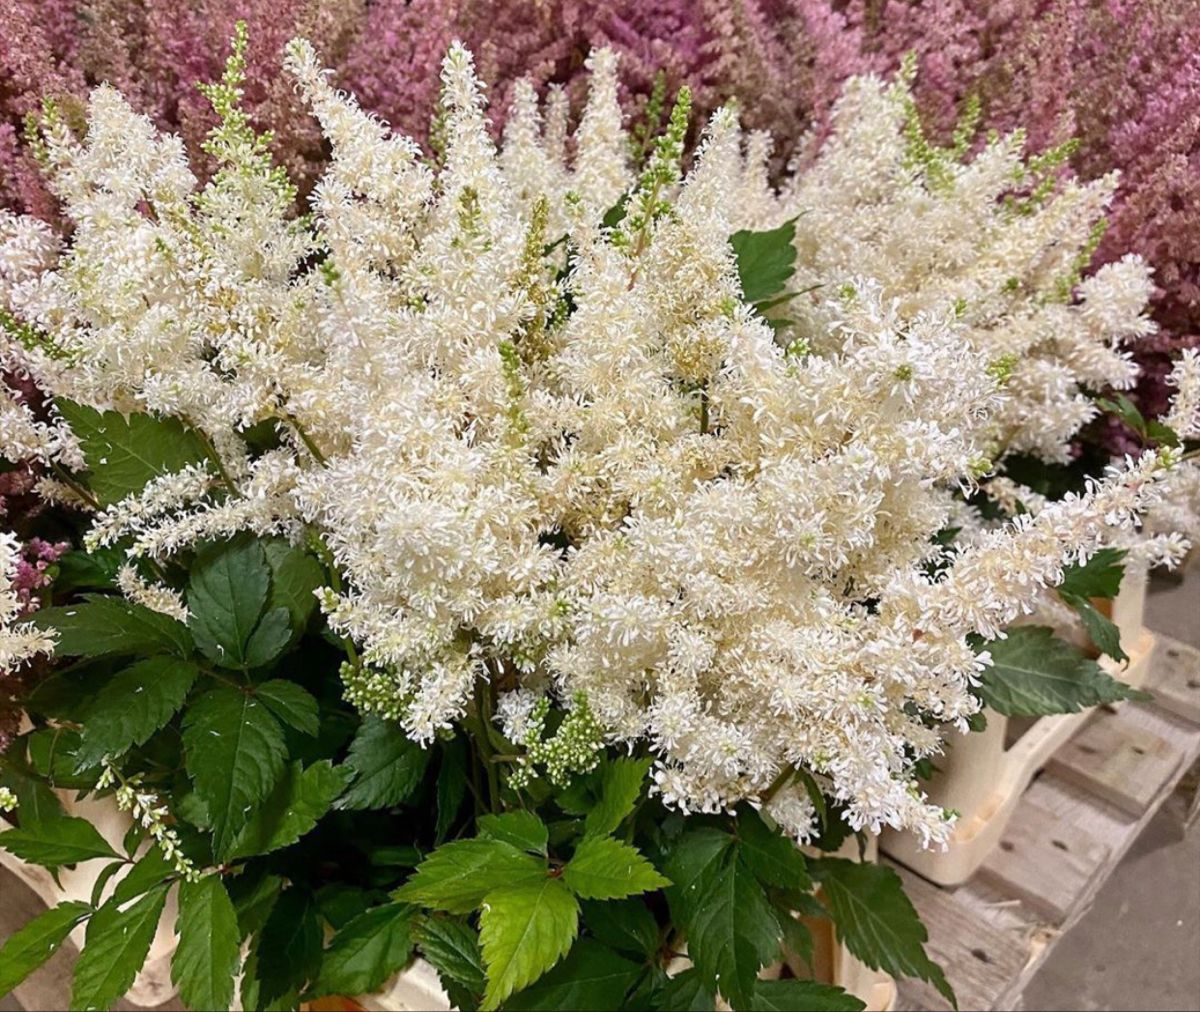 Astilbe Younique White In 2020 White Flower Farm Astilbe Flower Astilbe